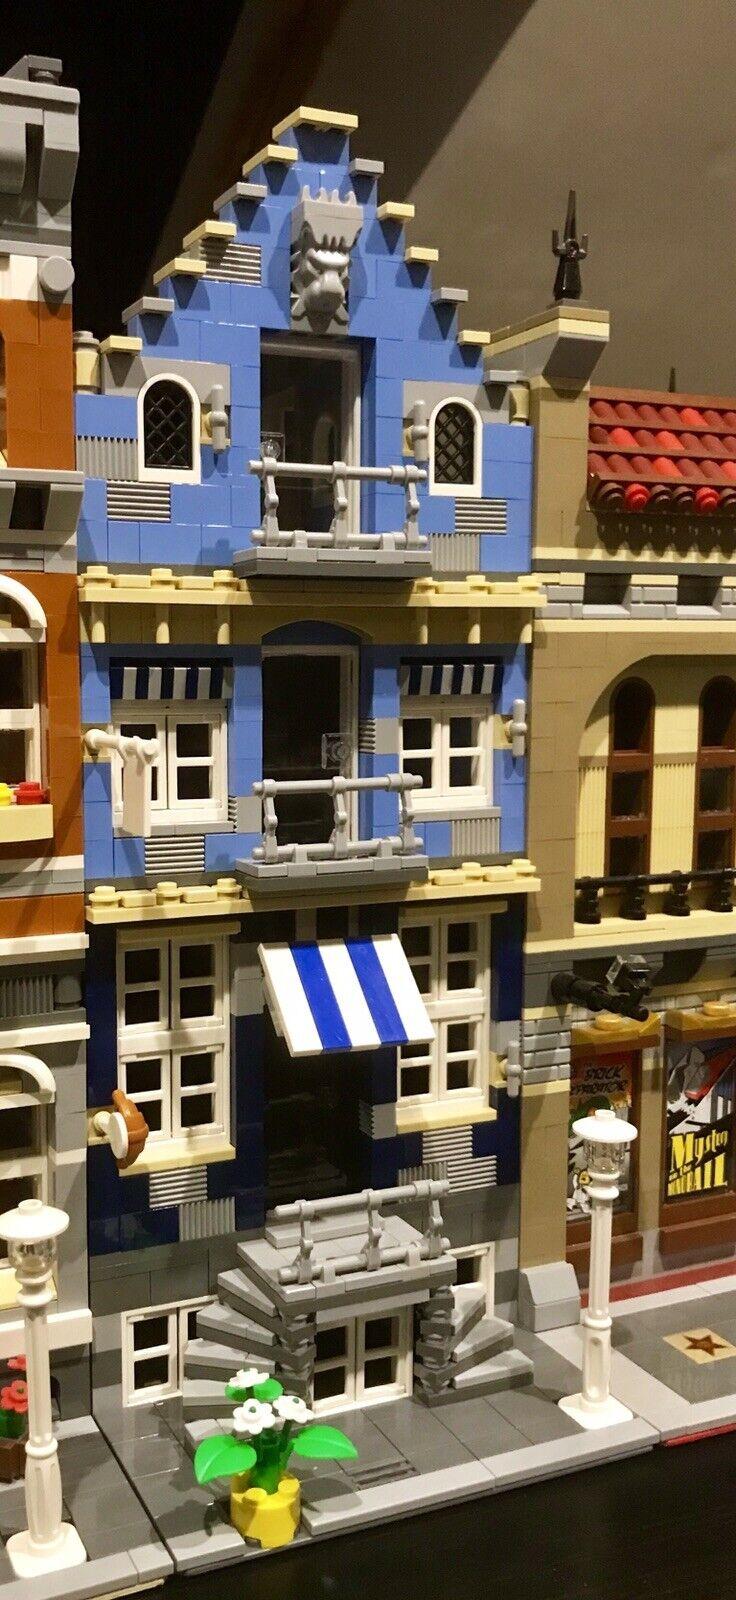 Construcción Lego Personalizado Modular como la calle 10190 del mercado encaja 10218 10185 Moc 483